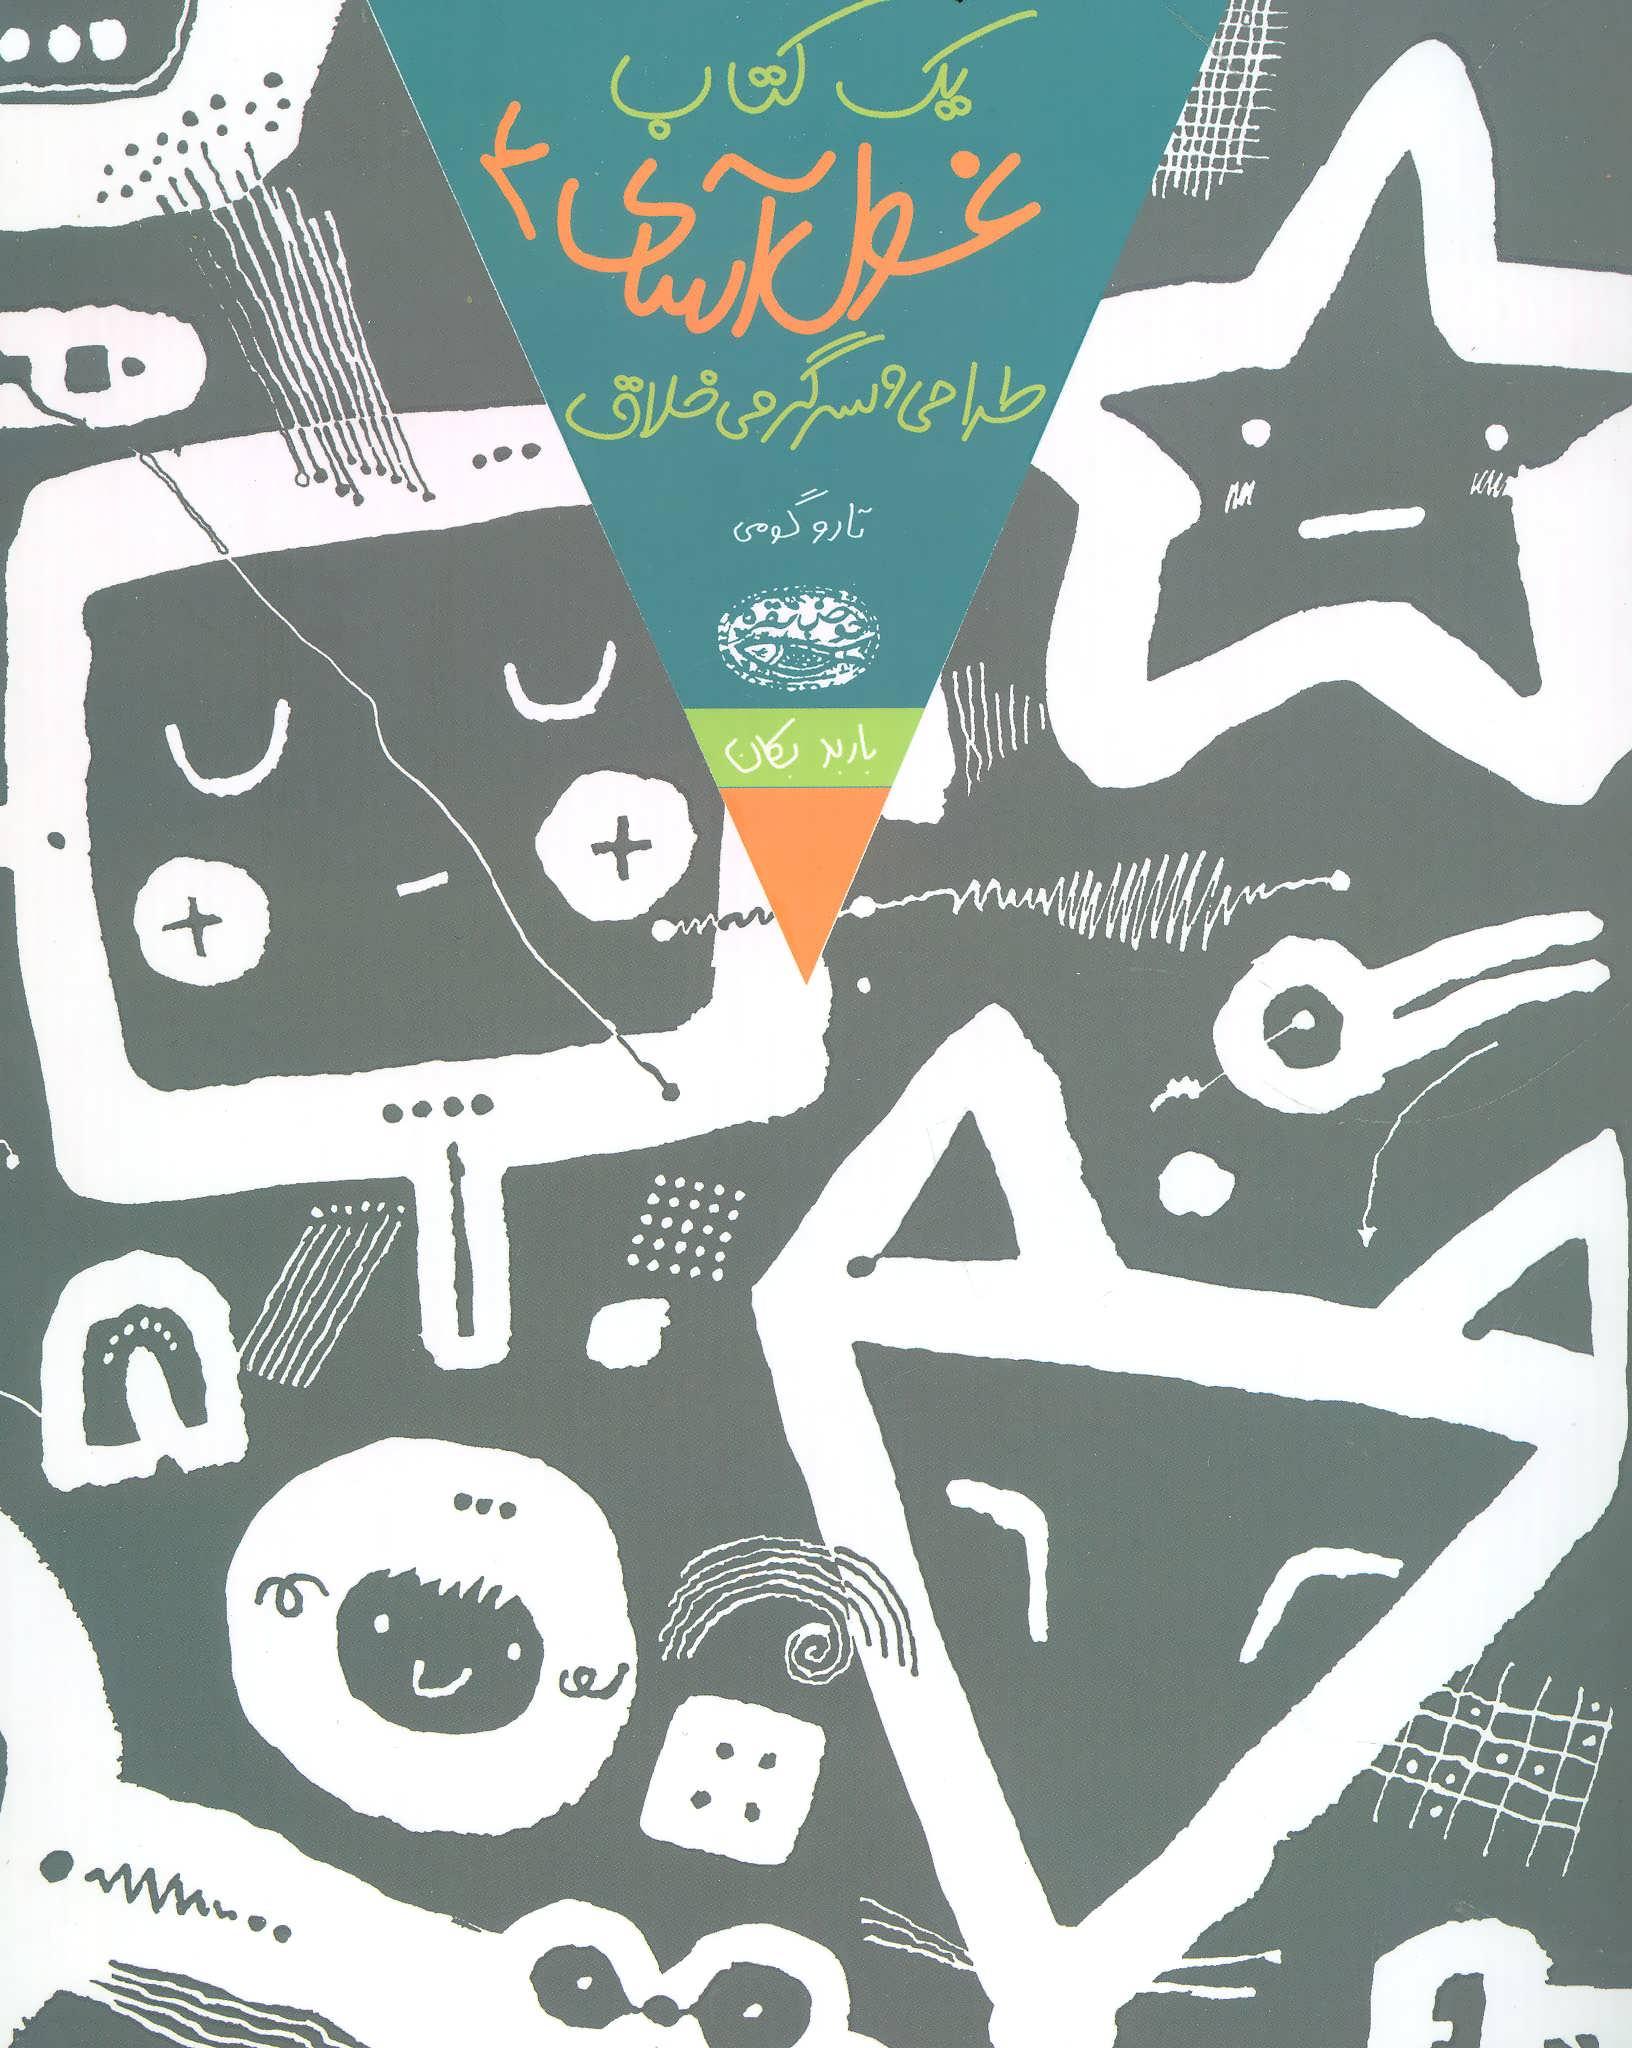 یک کتاب غول آسای طراحی و سرگرمی خلاق 4